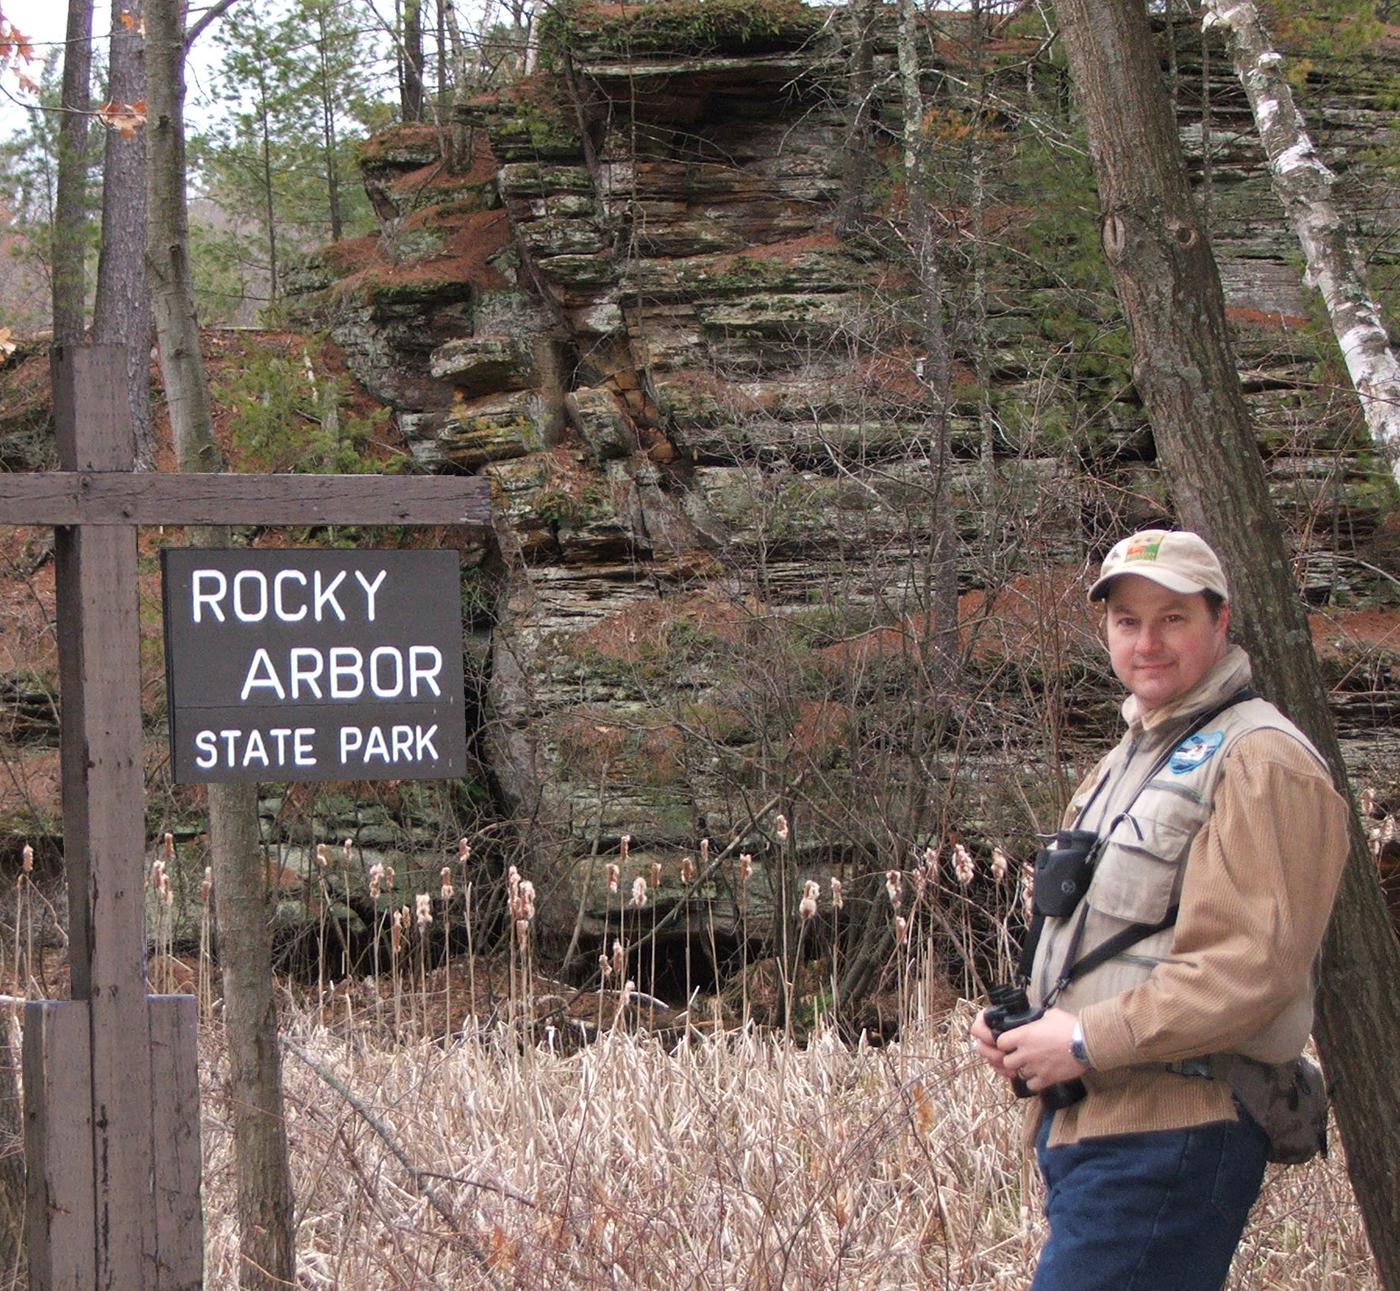 Arbor Park: Birdstud's Birdchat: Recapturing Memories At Rocky Arbor